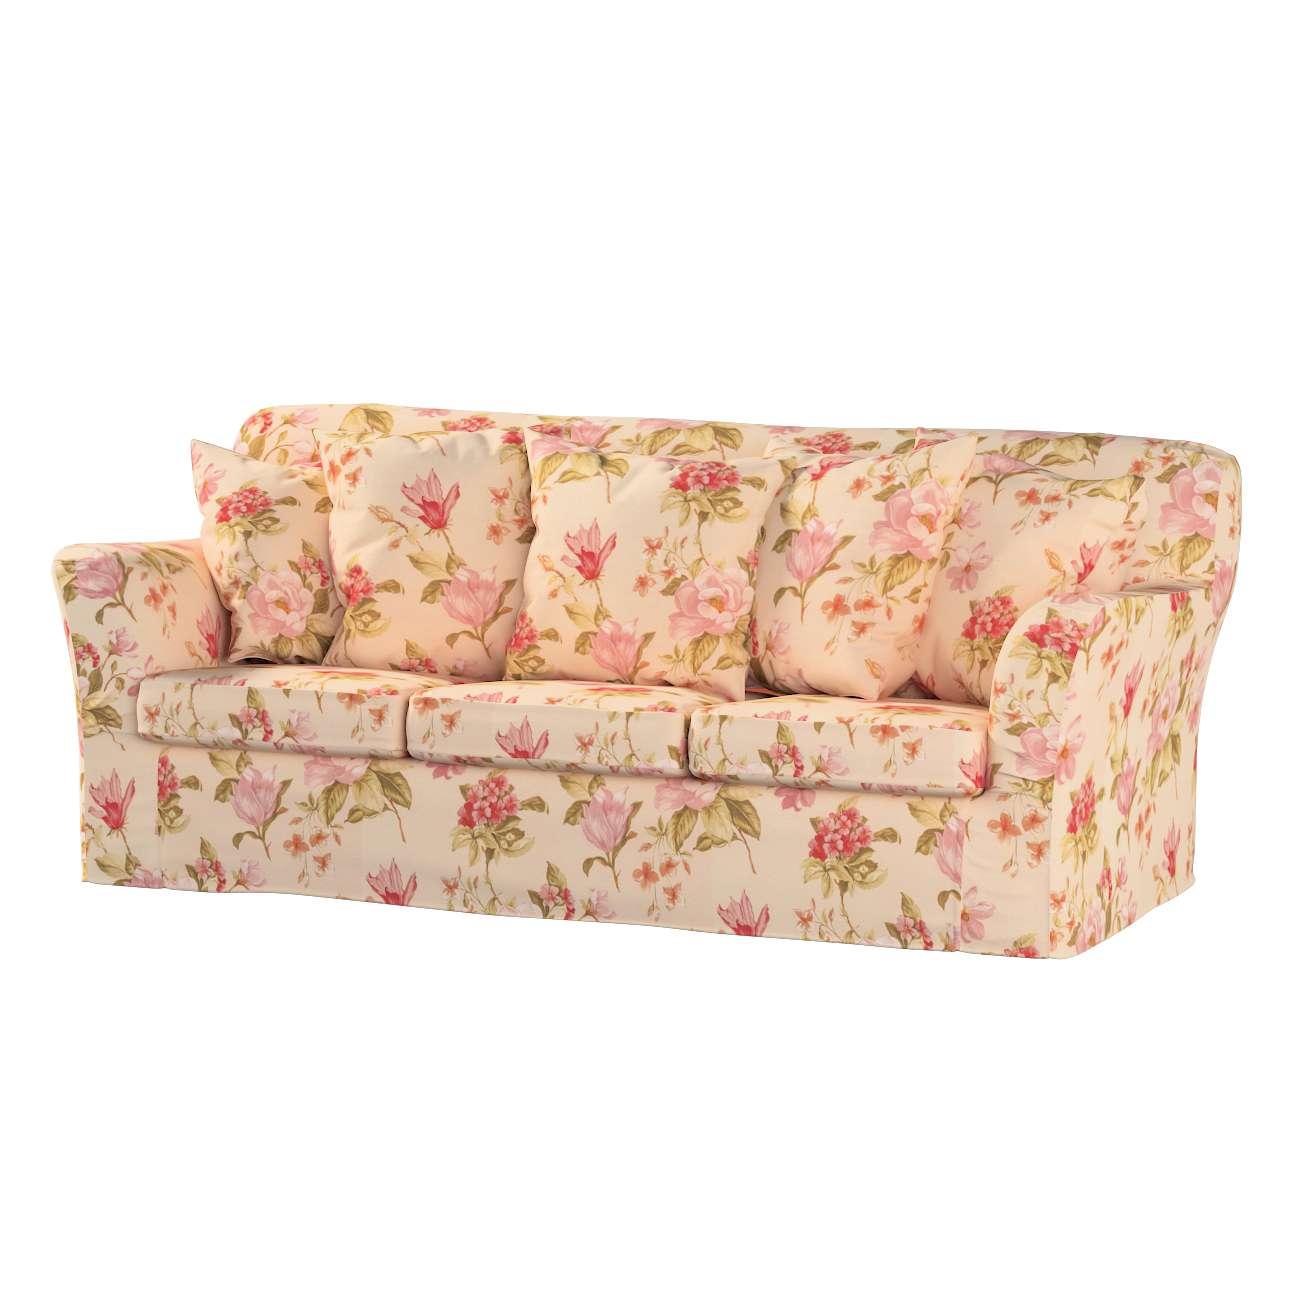 Pokrowiec na sofę Tomelilla 3-osobową nierozkładaną Sofa Tomelilla 3-osobowa w kolekcji Londres, tkanina: 123-05